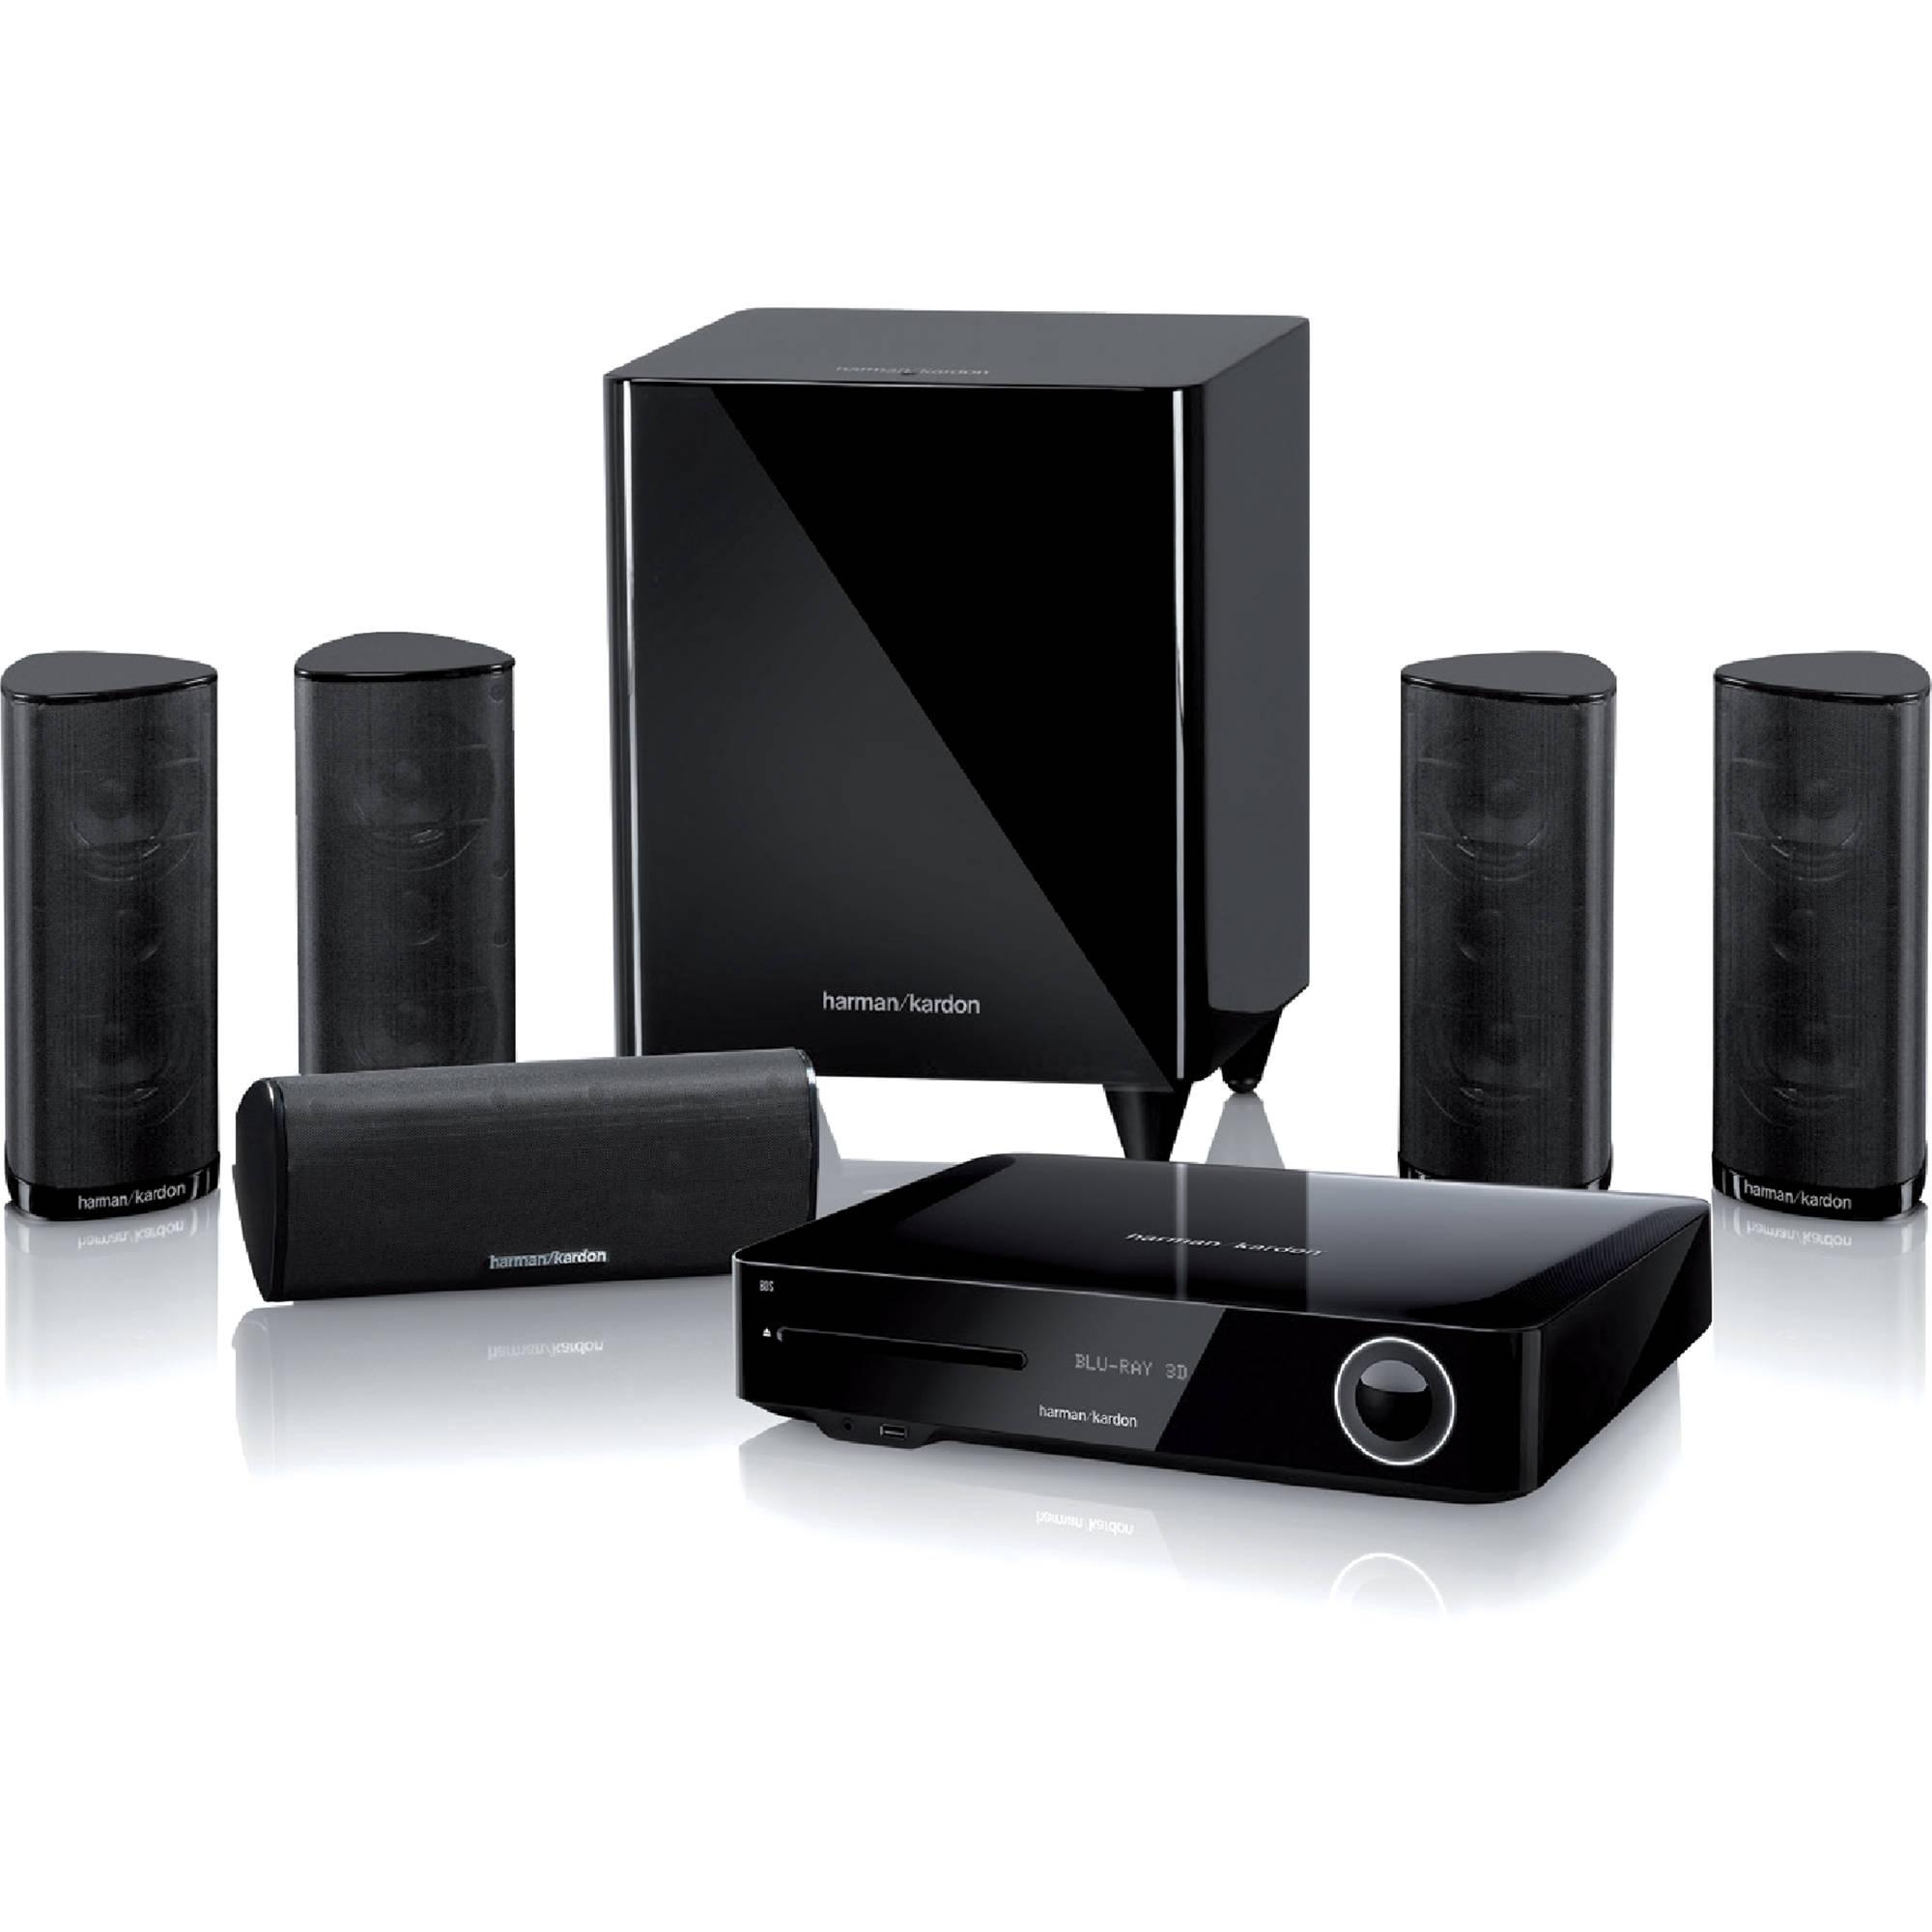 harman kardon bds 6802 high performance 5 1 channel bds. Black Bedroom Furniture Sets. Home Design Ideas